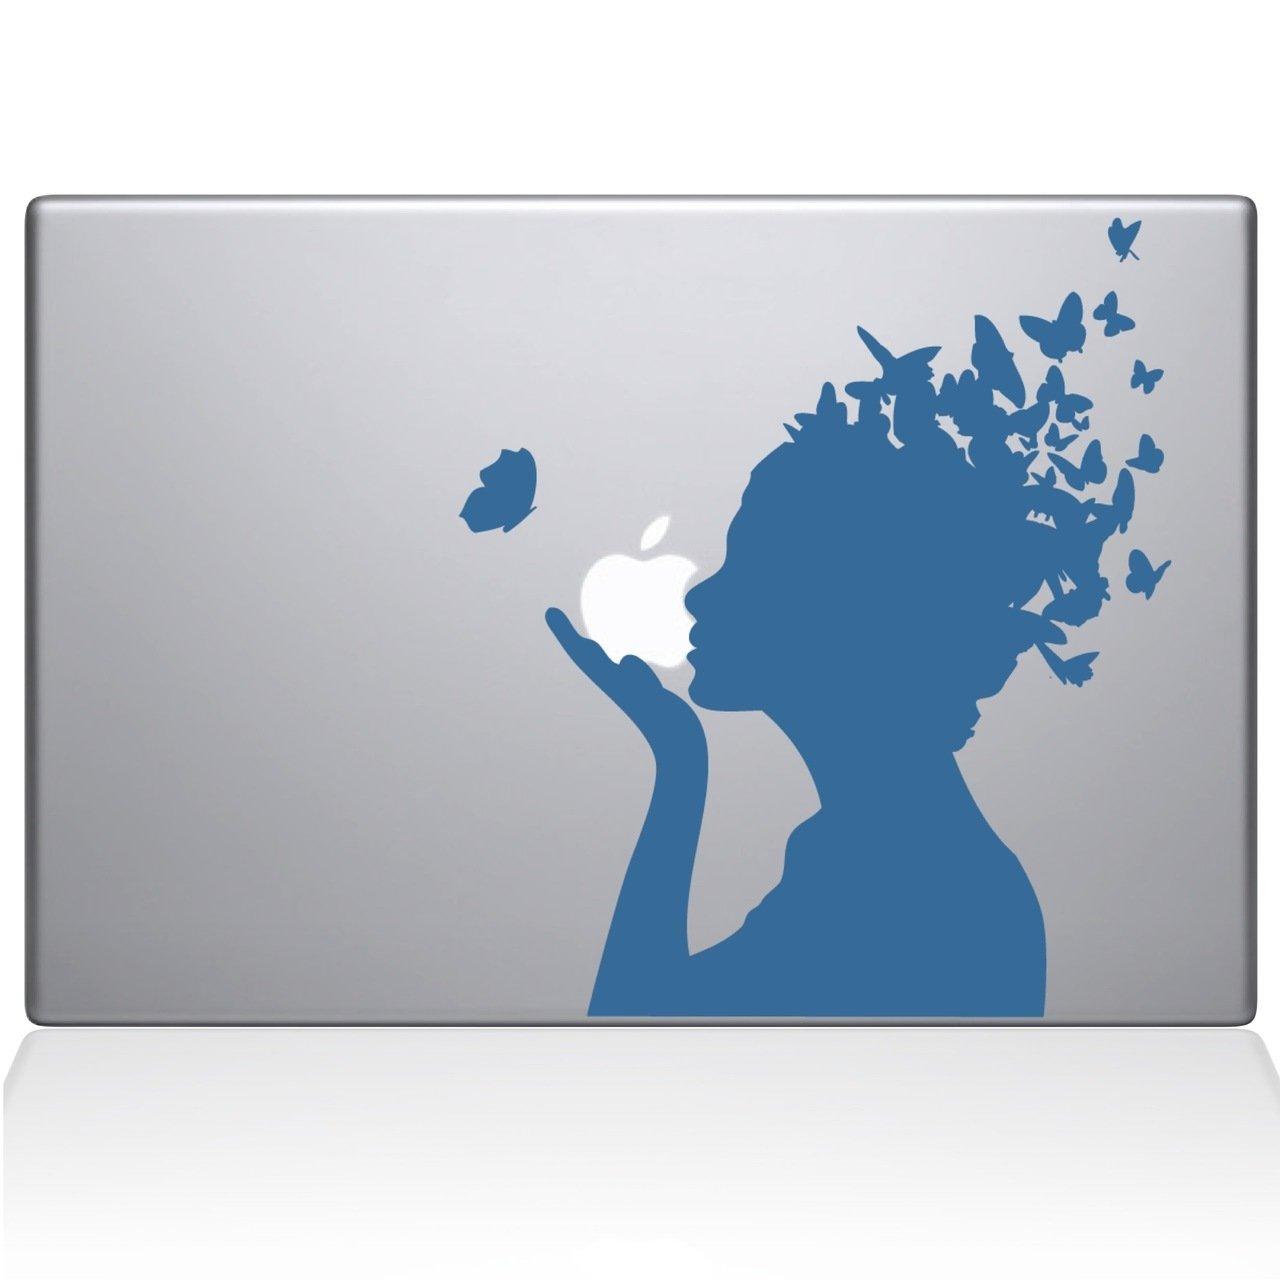 激安な バタフライガールMacbookデカール、Die Cut Vinyl Vinyl Cut Decal B07239NCWV for Windows車、トラック、ツールボックス、ノートパソコン、ほぼすべてmacbook-ハード、滑らかな表面 グレイ Titans-Unique-Design-118937-Light-Blue ライトブルー B07239NCWV, 御座布:8b28a97a --- kickit.co.ke